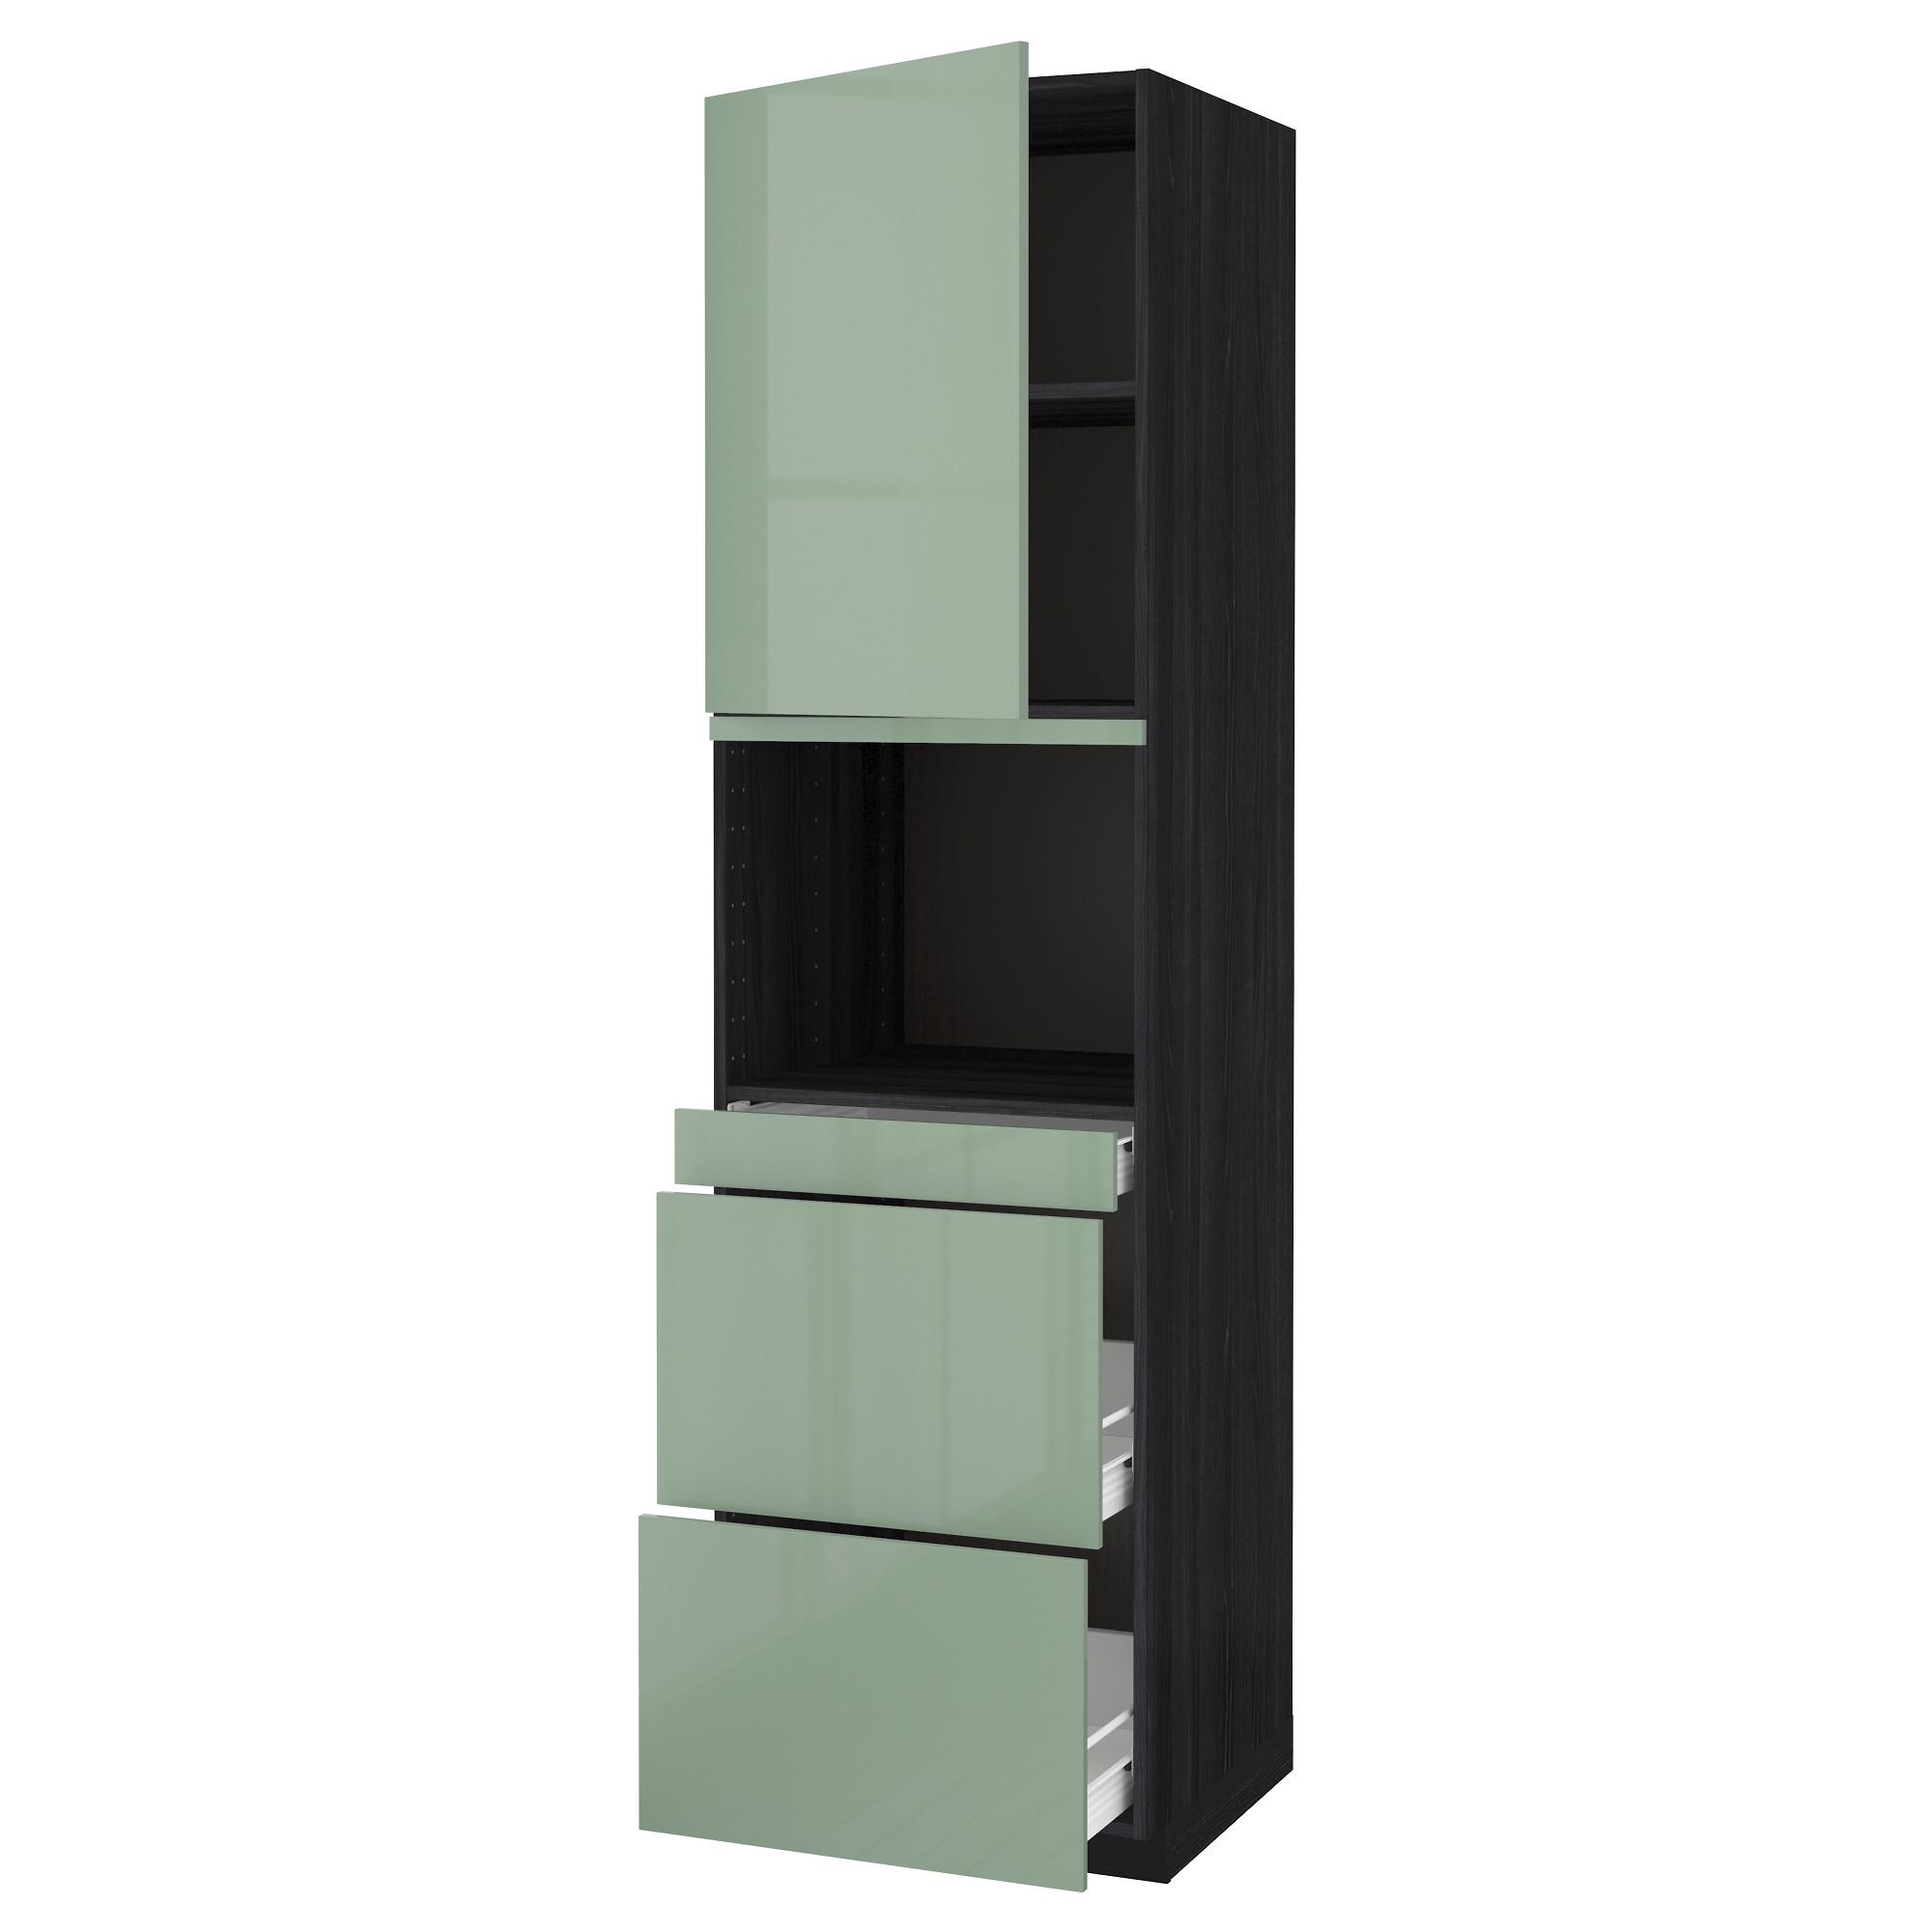 Высокий шкаф для СВЧ/дверца, 3 ящика МЕТОД / ФОРВАРА черный артикуль № 992.664.25 в наличии. Онлайн сайт IKEA Минск. Быстрая доставка и монтаж.